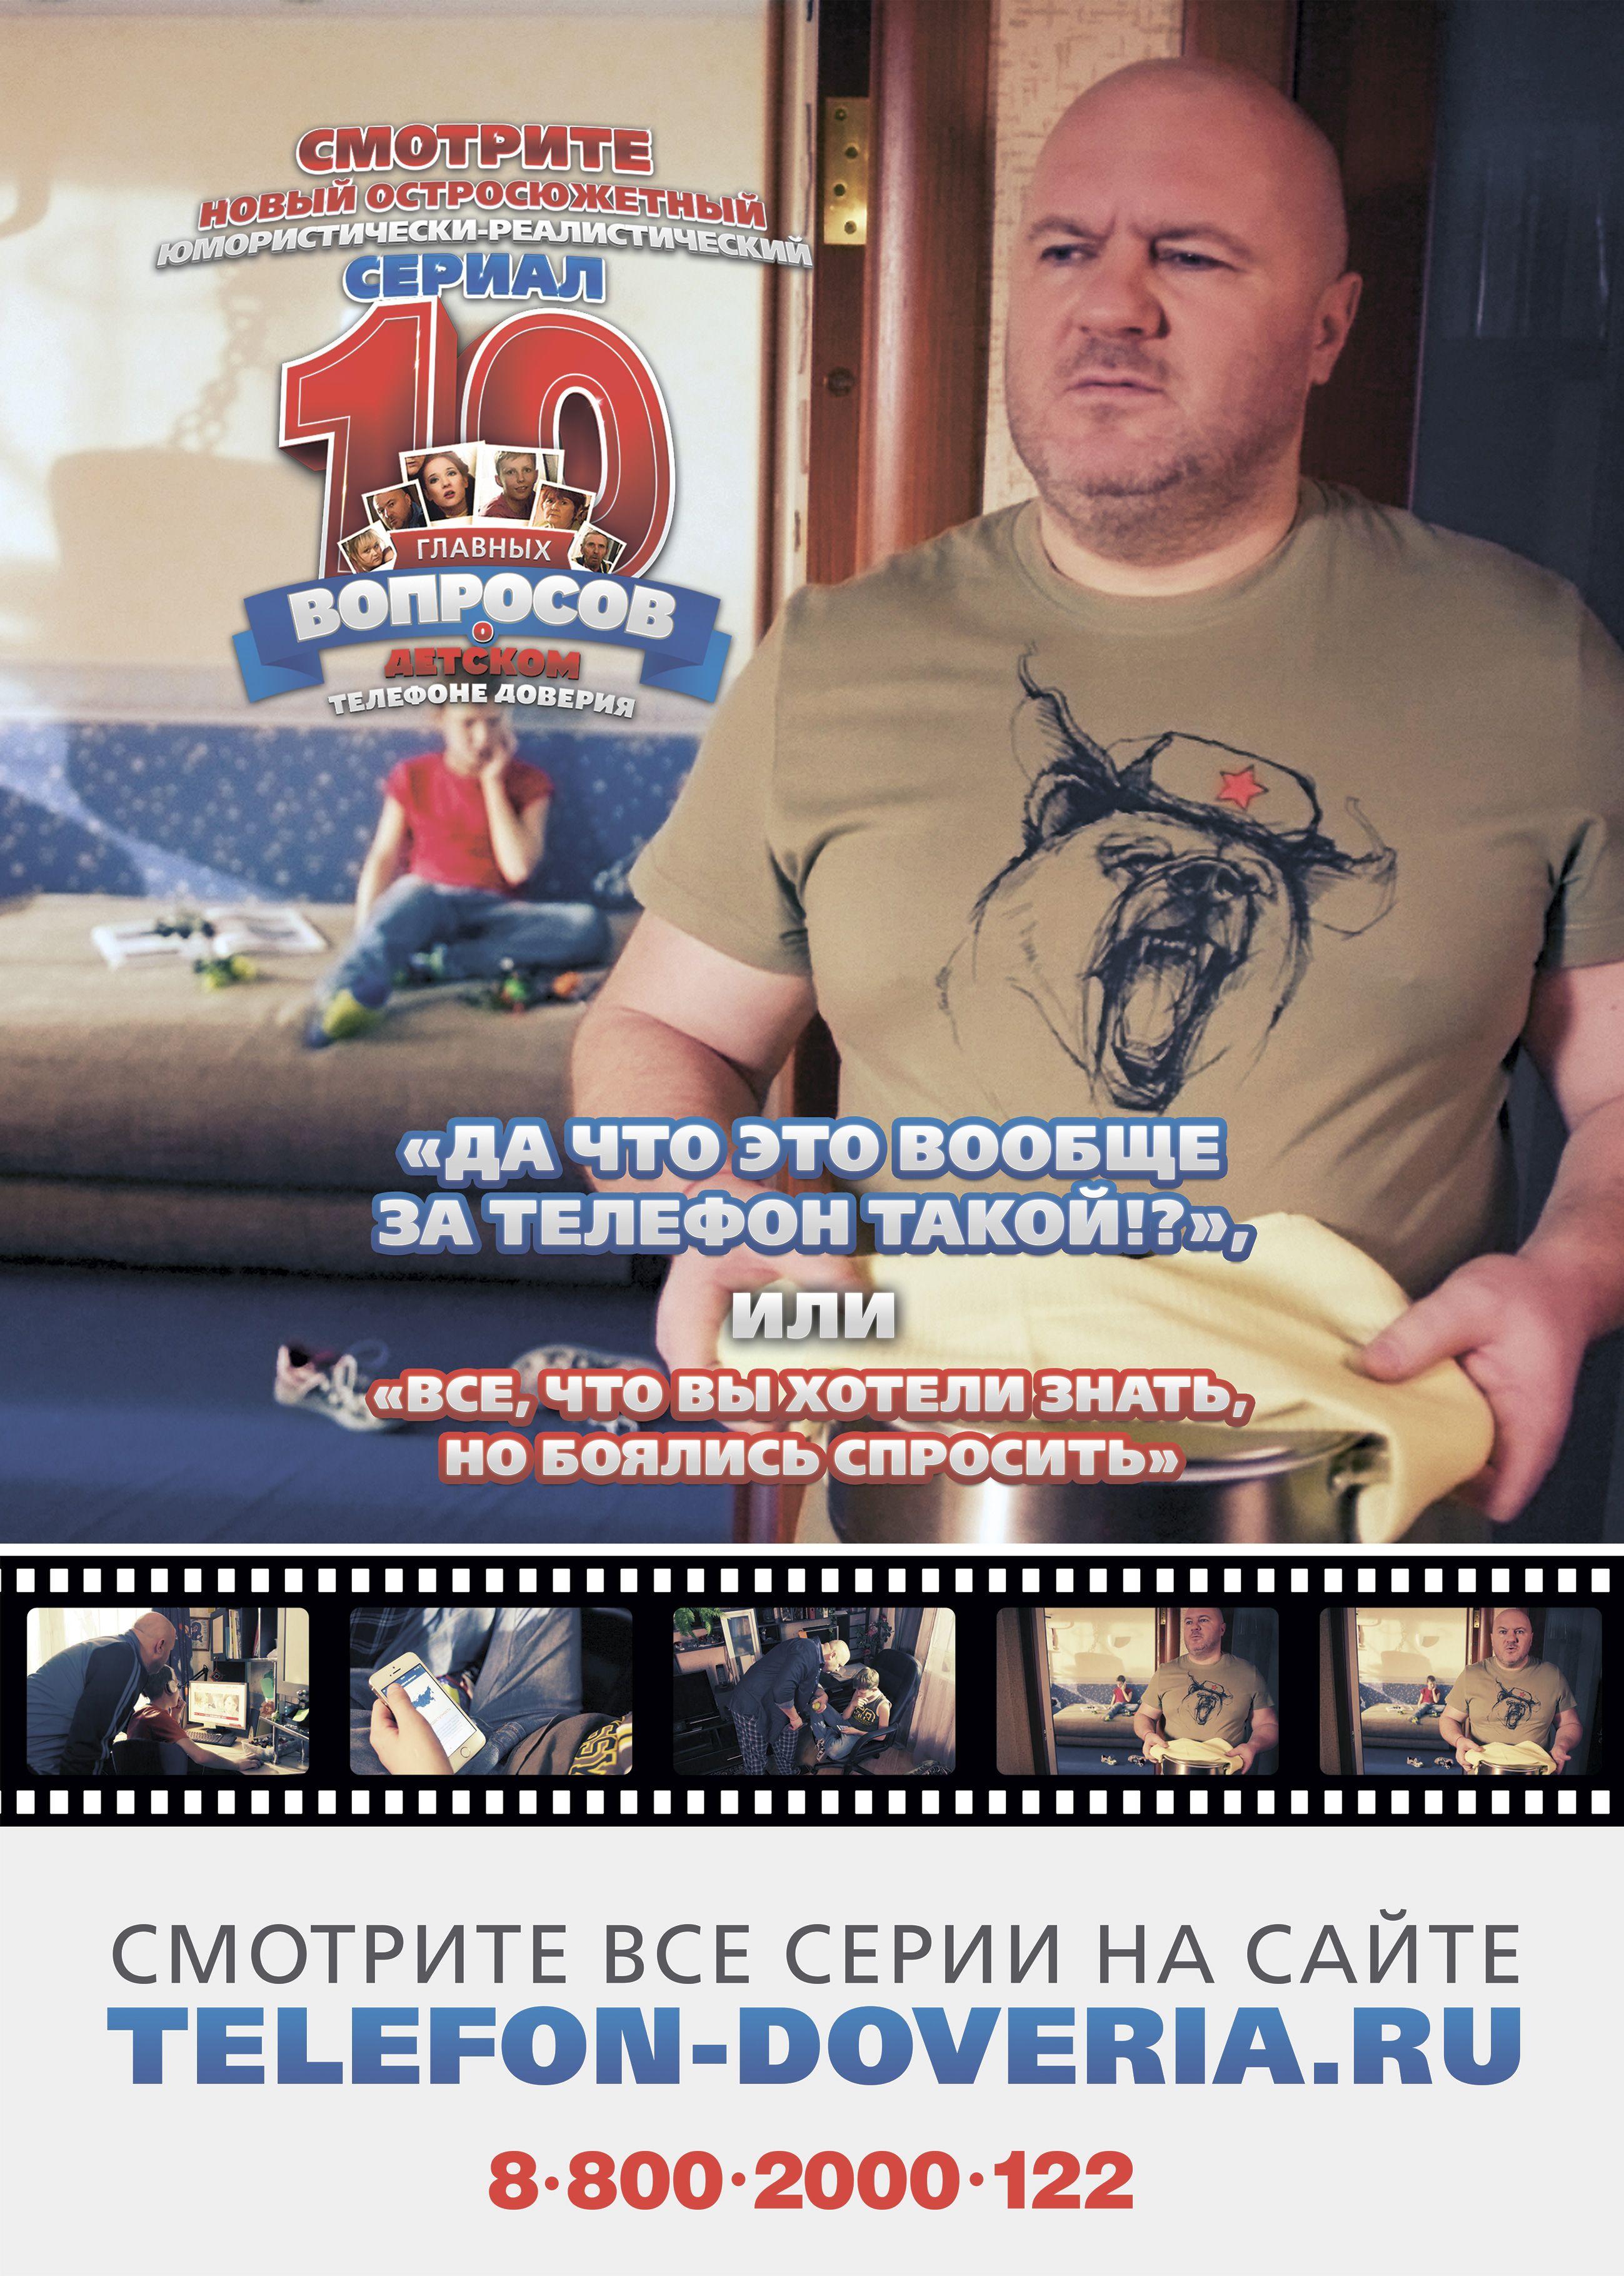 b_0_0_0_00_http___fond-detyam.ru_detskiy-telefon-doveriya_reklamno-informatsionnye-materialy_A4-poster-01.jpg